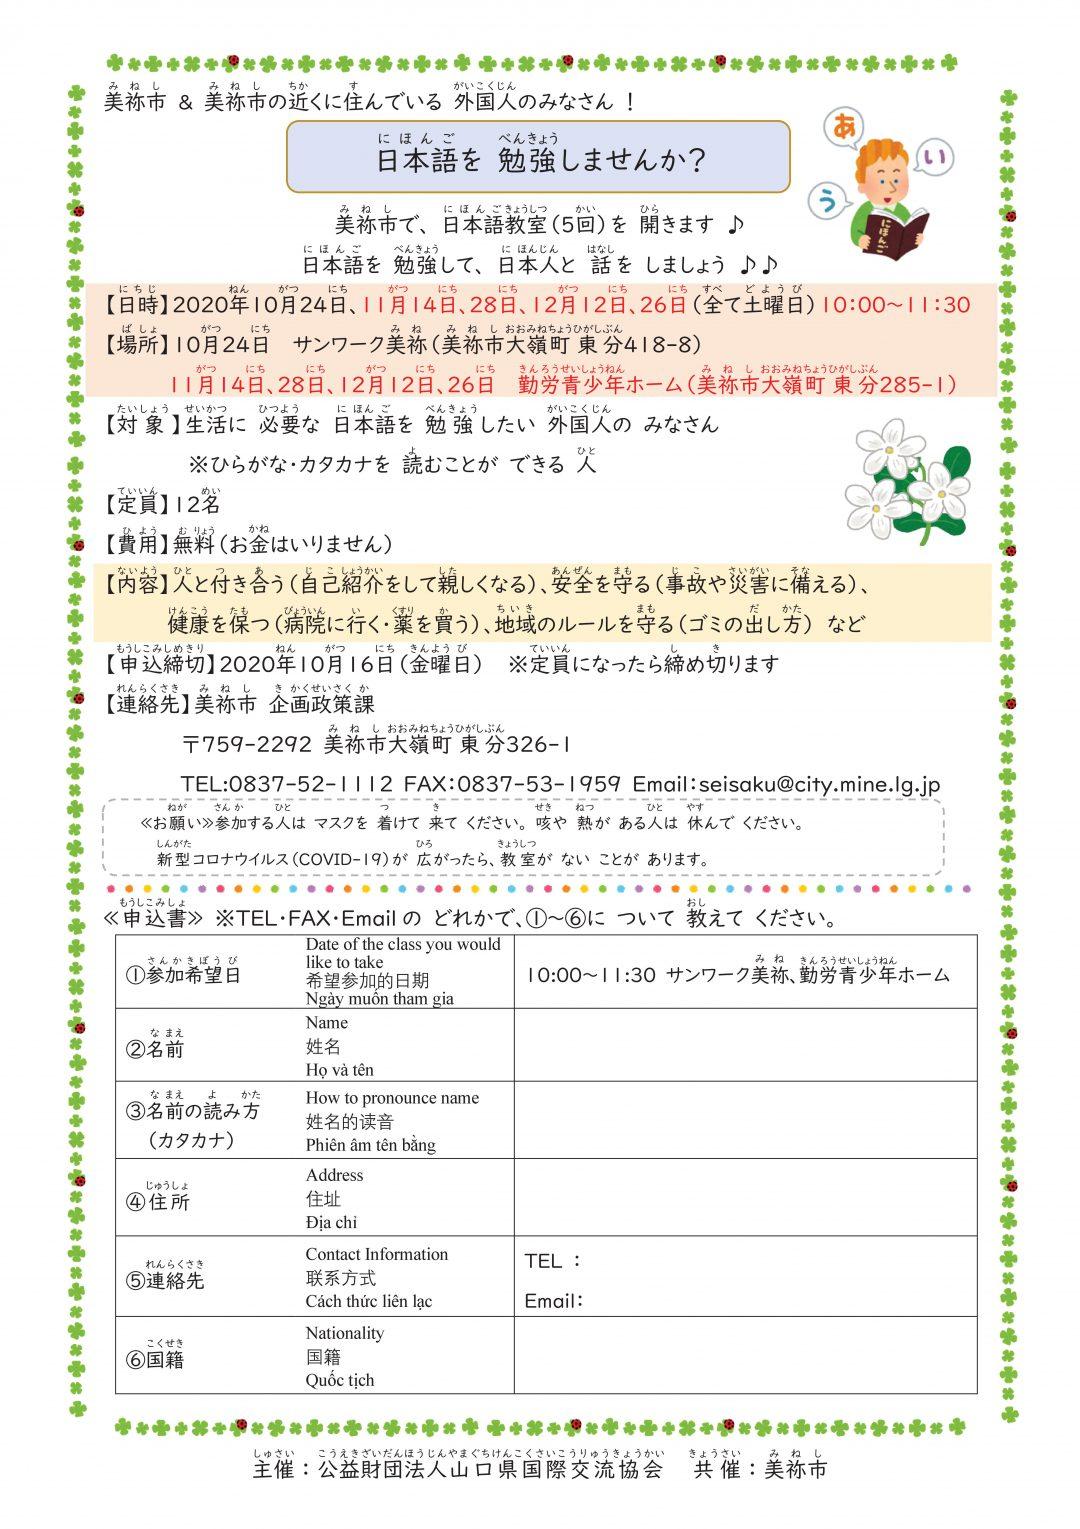 画像:日本語(にほんご)を 勉強(べんきょう)しませんか?(美祢市(みねし))